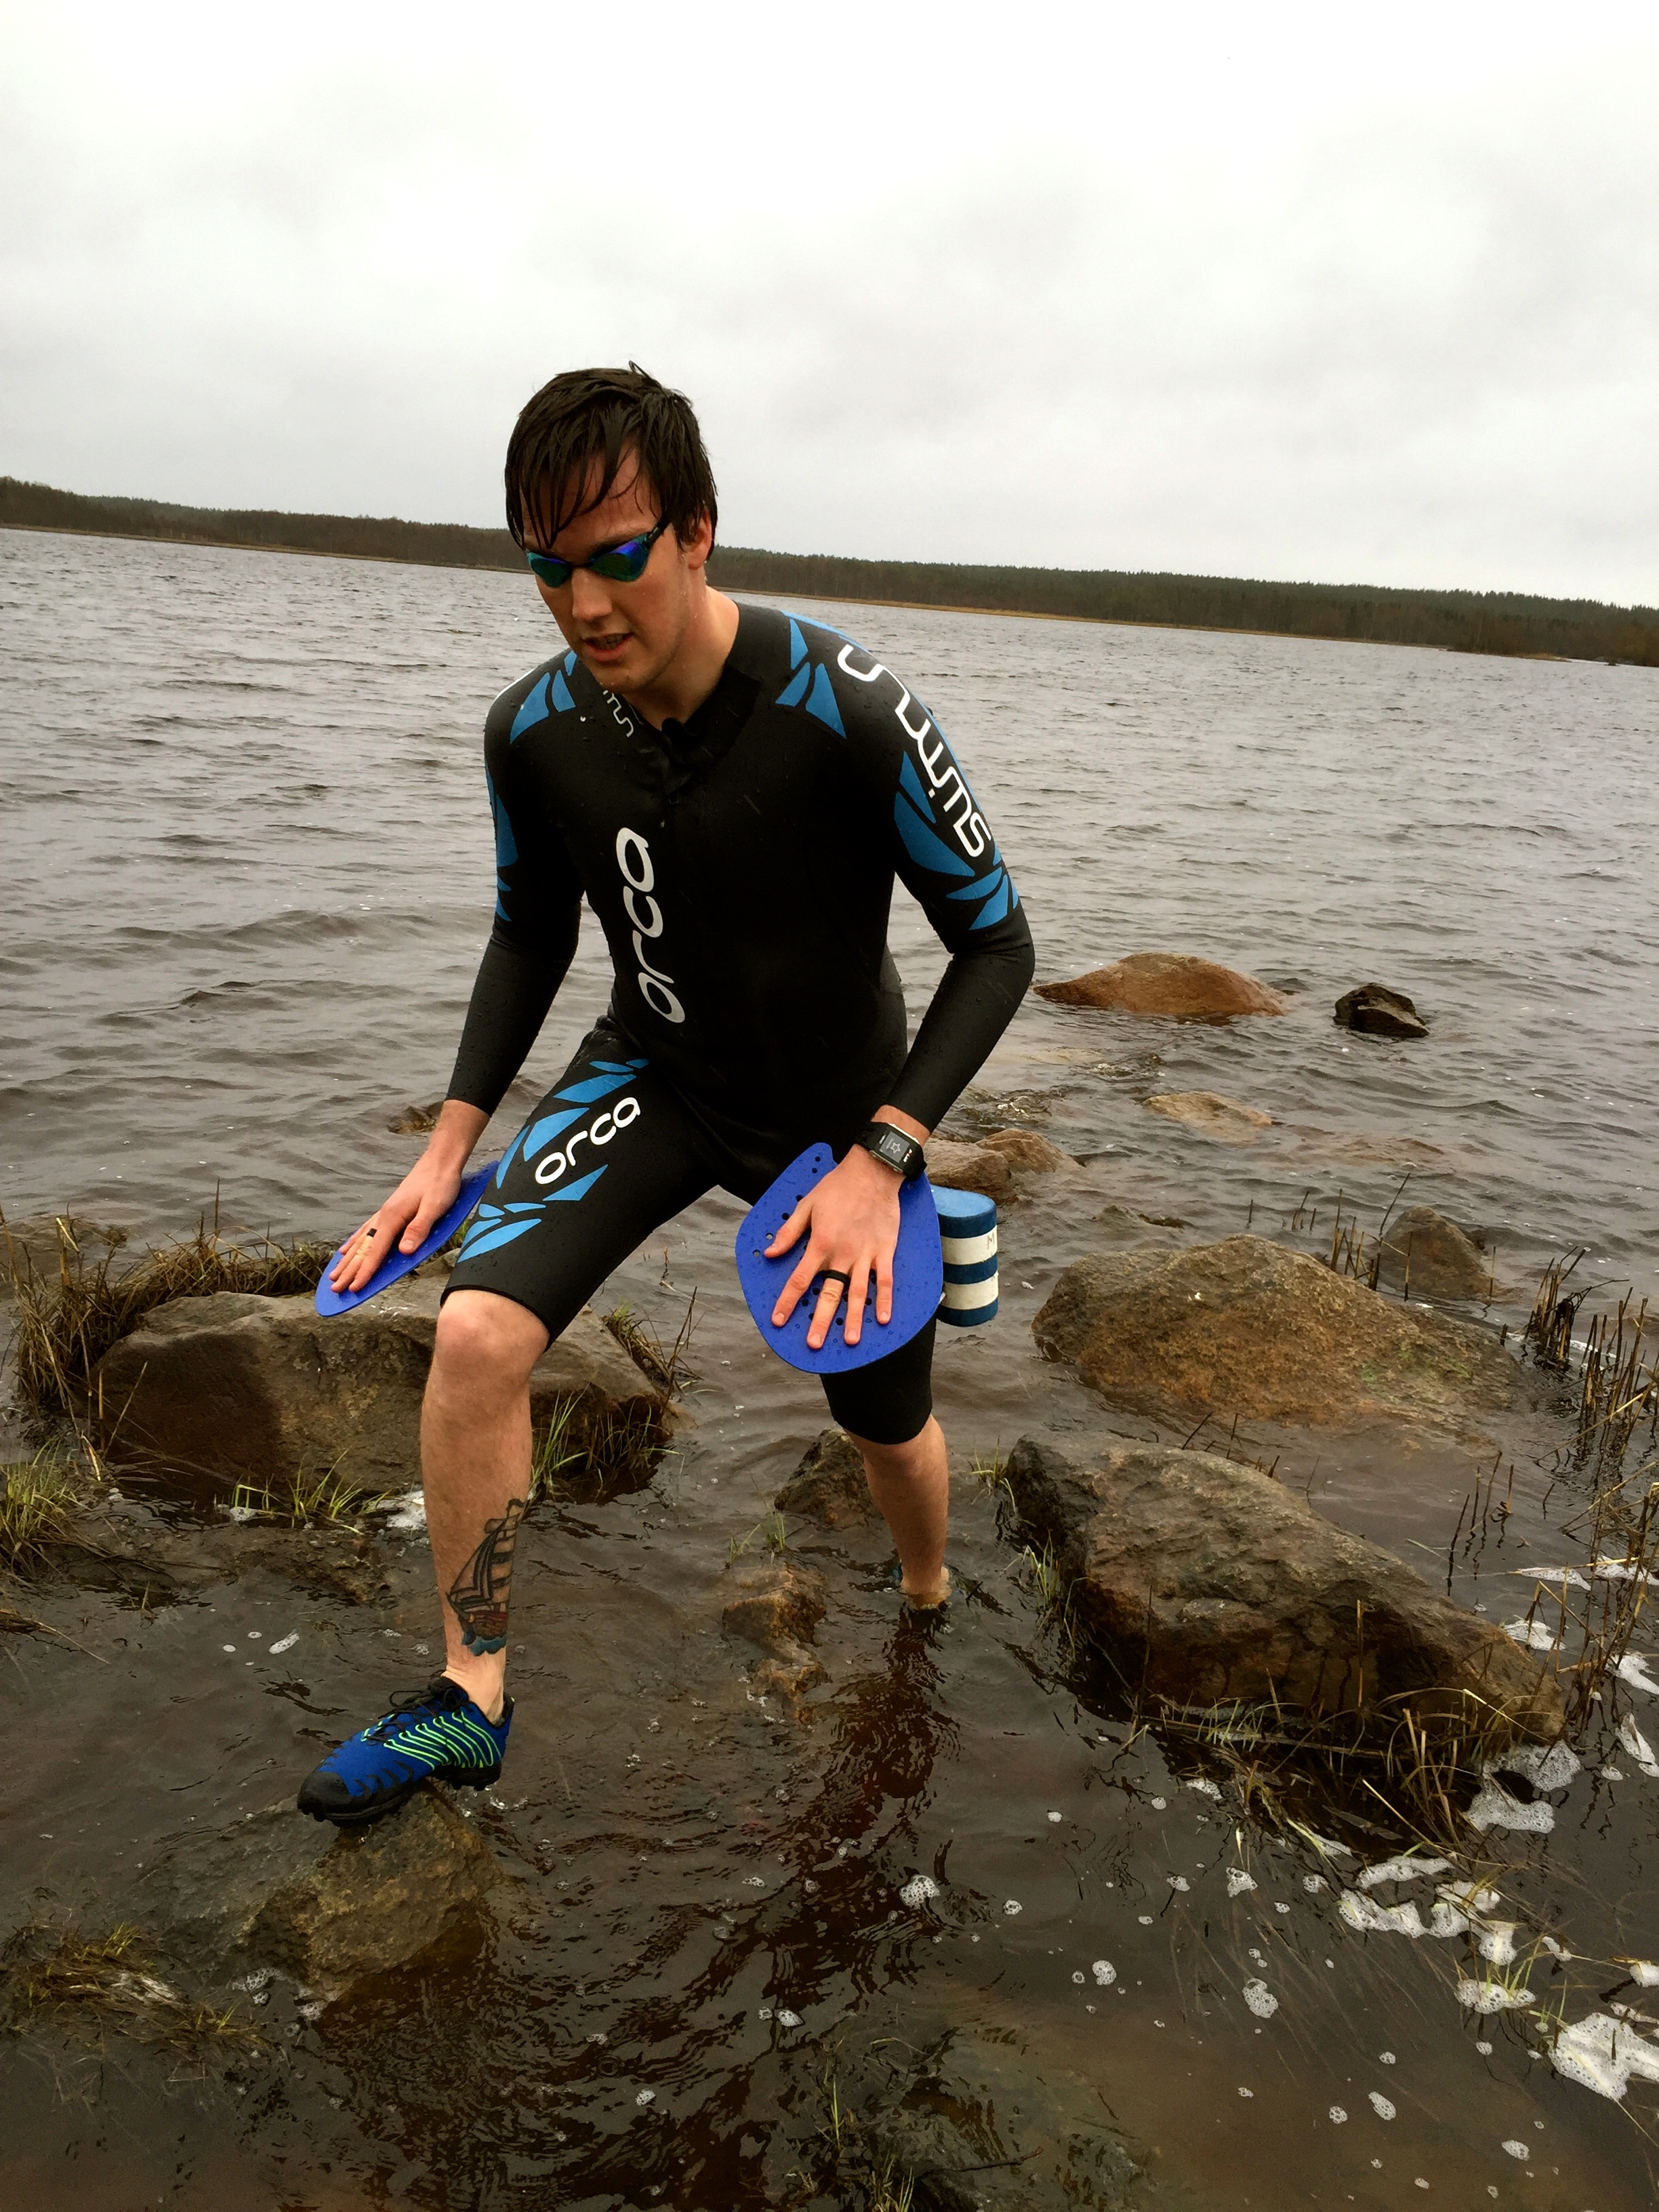 orca-men-swimrun-wetsuit-mytriathlon.jpg